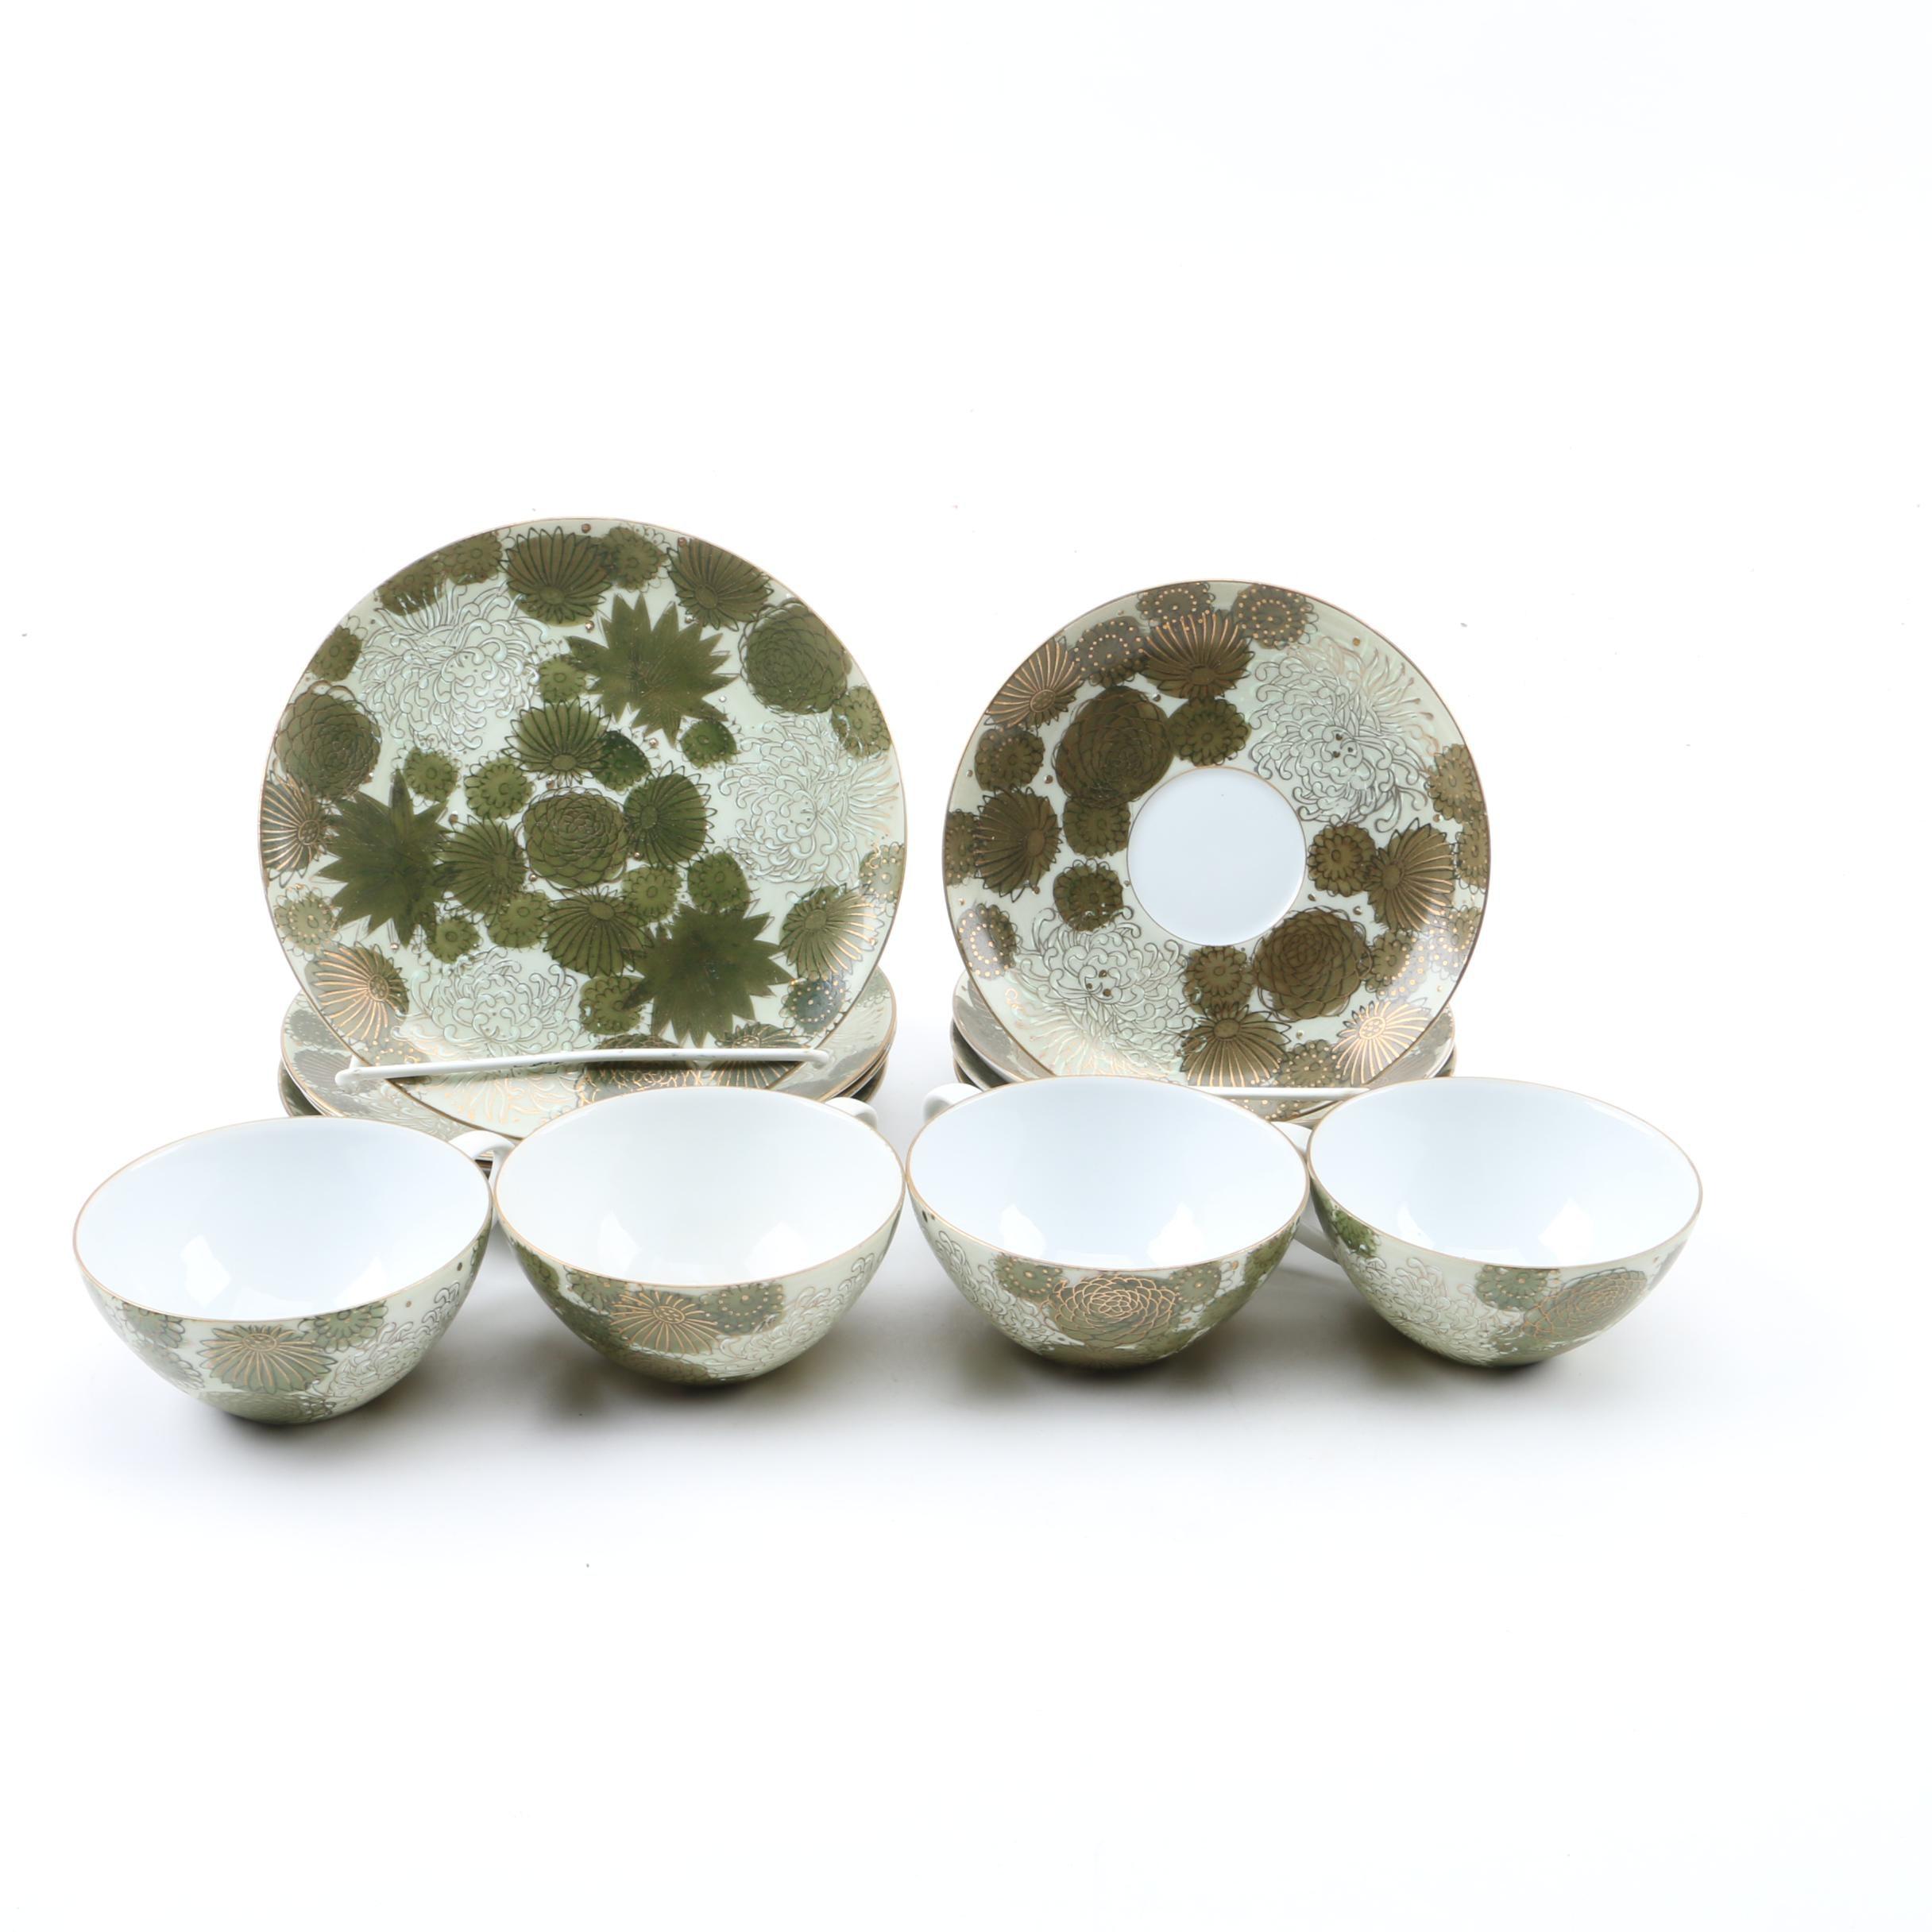 Vintage Japanese Kutani Porcelain Tableware